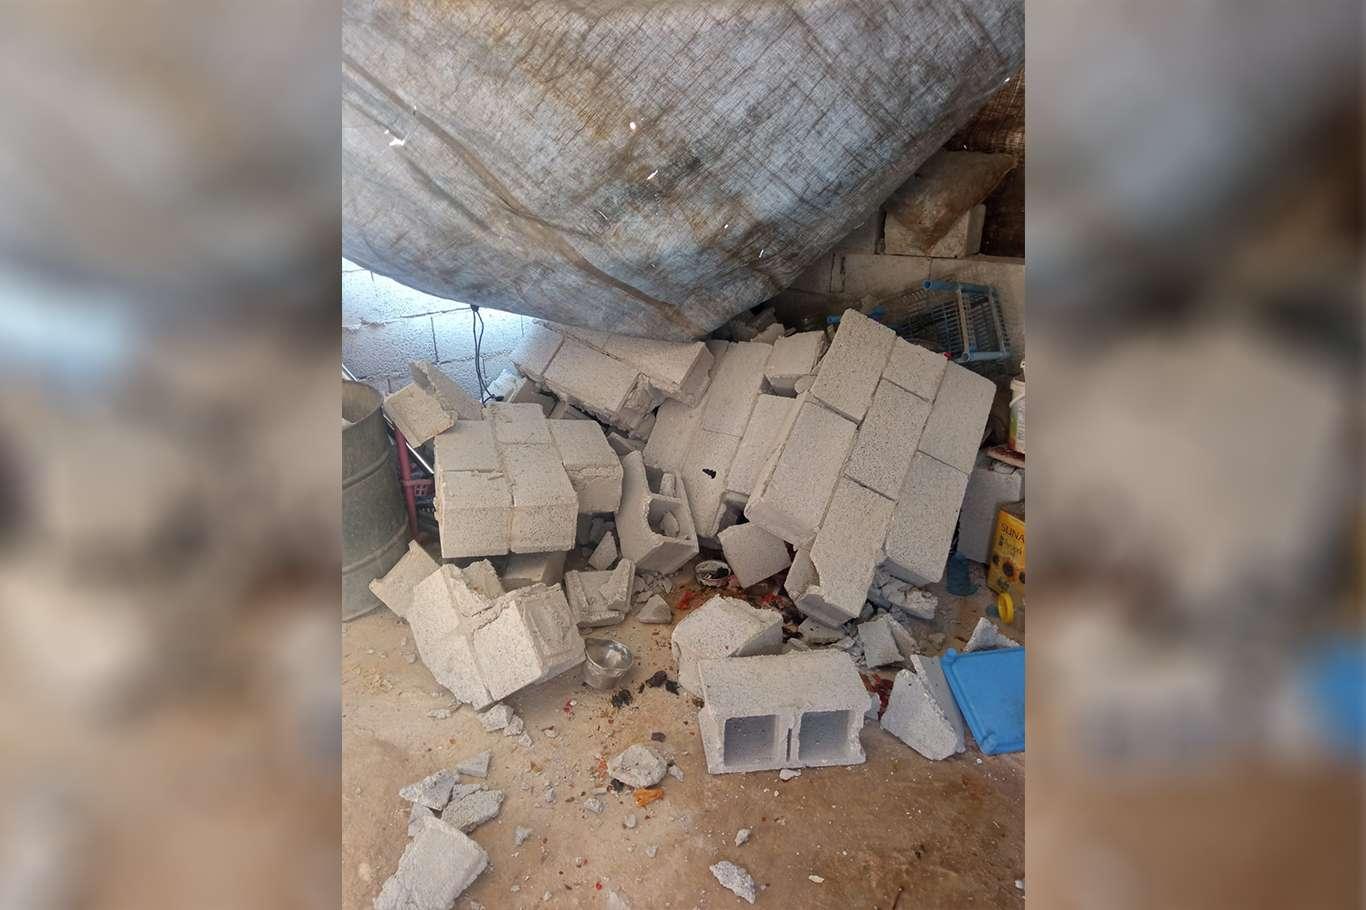 Üzerine duvar yıkılan kadın yaralandı